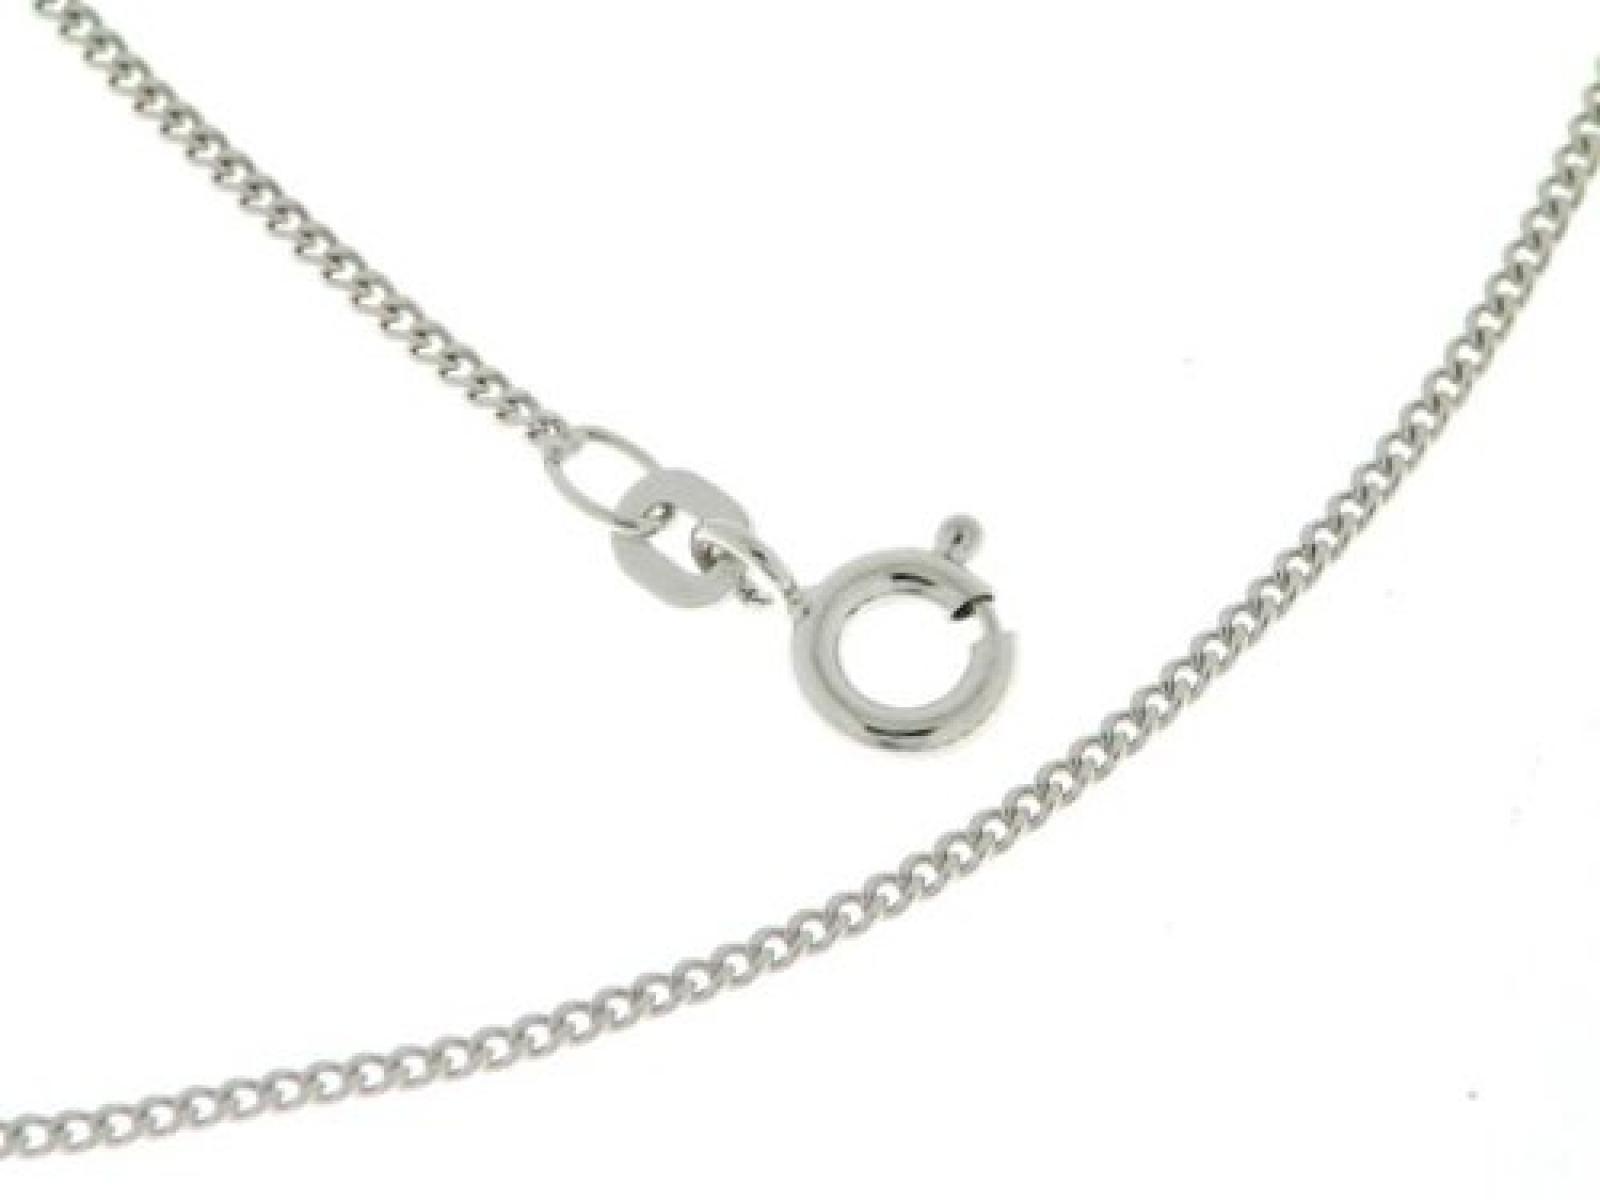 BOB C. Damen-Halskette ohne Anhänger Panzer 8 Karat -333 Weißgold 326947